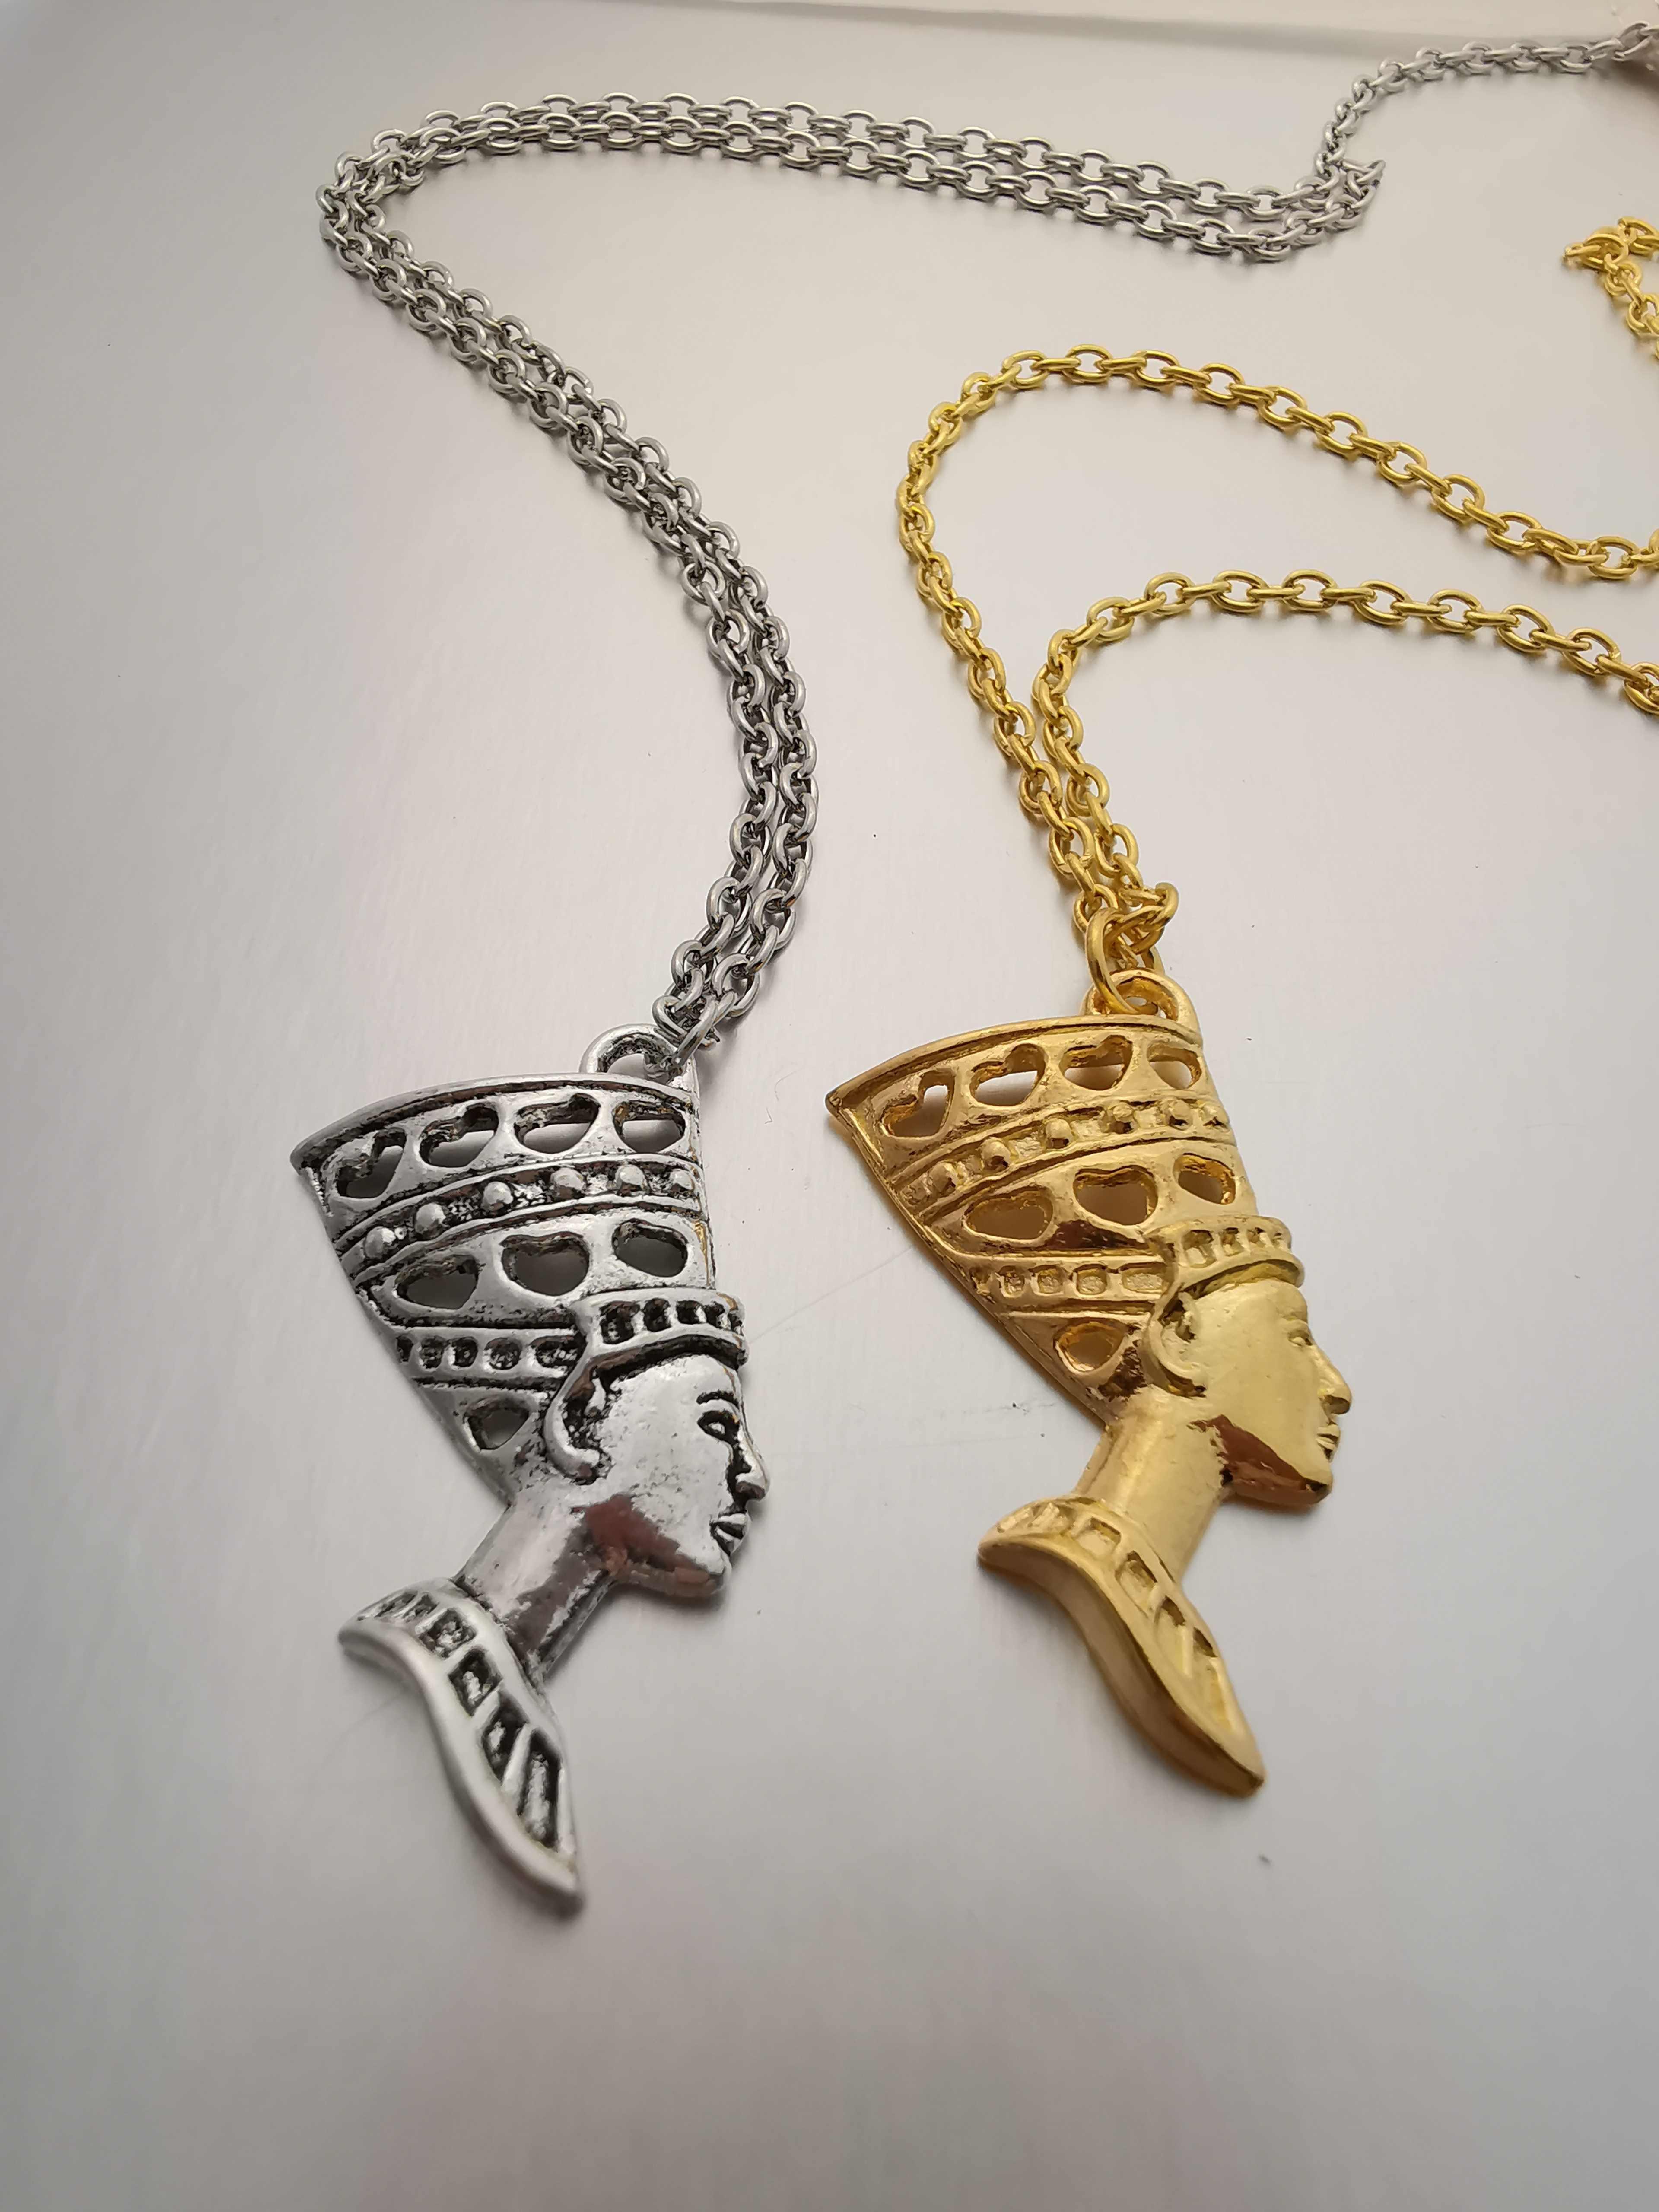 Ägyptische Ägypten Königin Nofretete Halskette Für Frauen Gold Charms Anhänger Halskette Mode Schmuck Weihnachten Geschenk